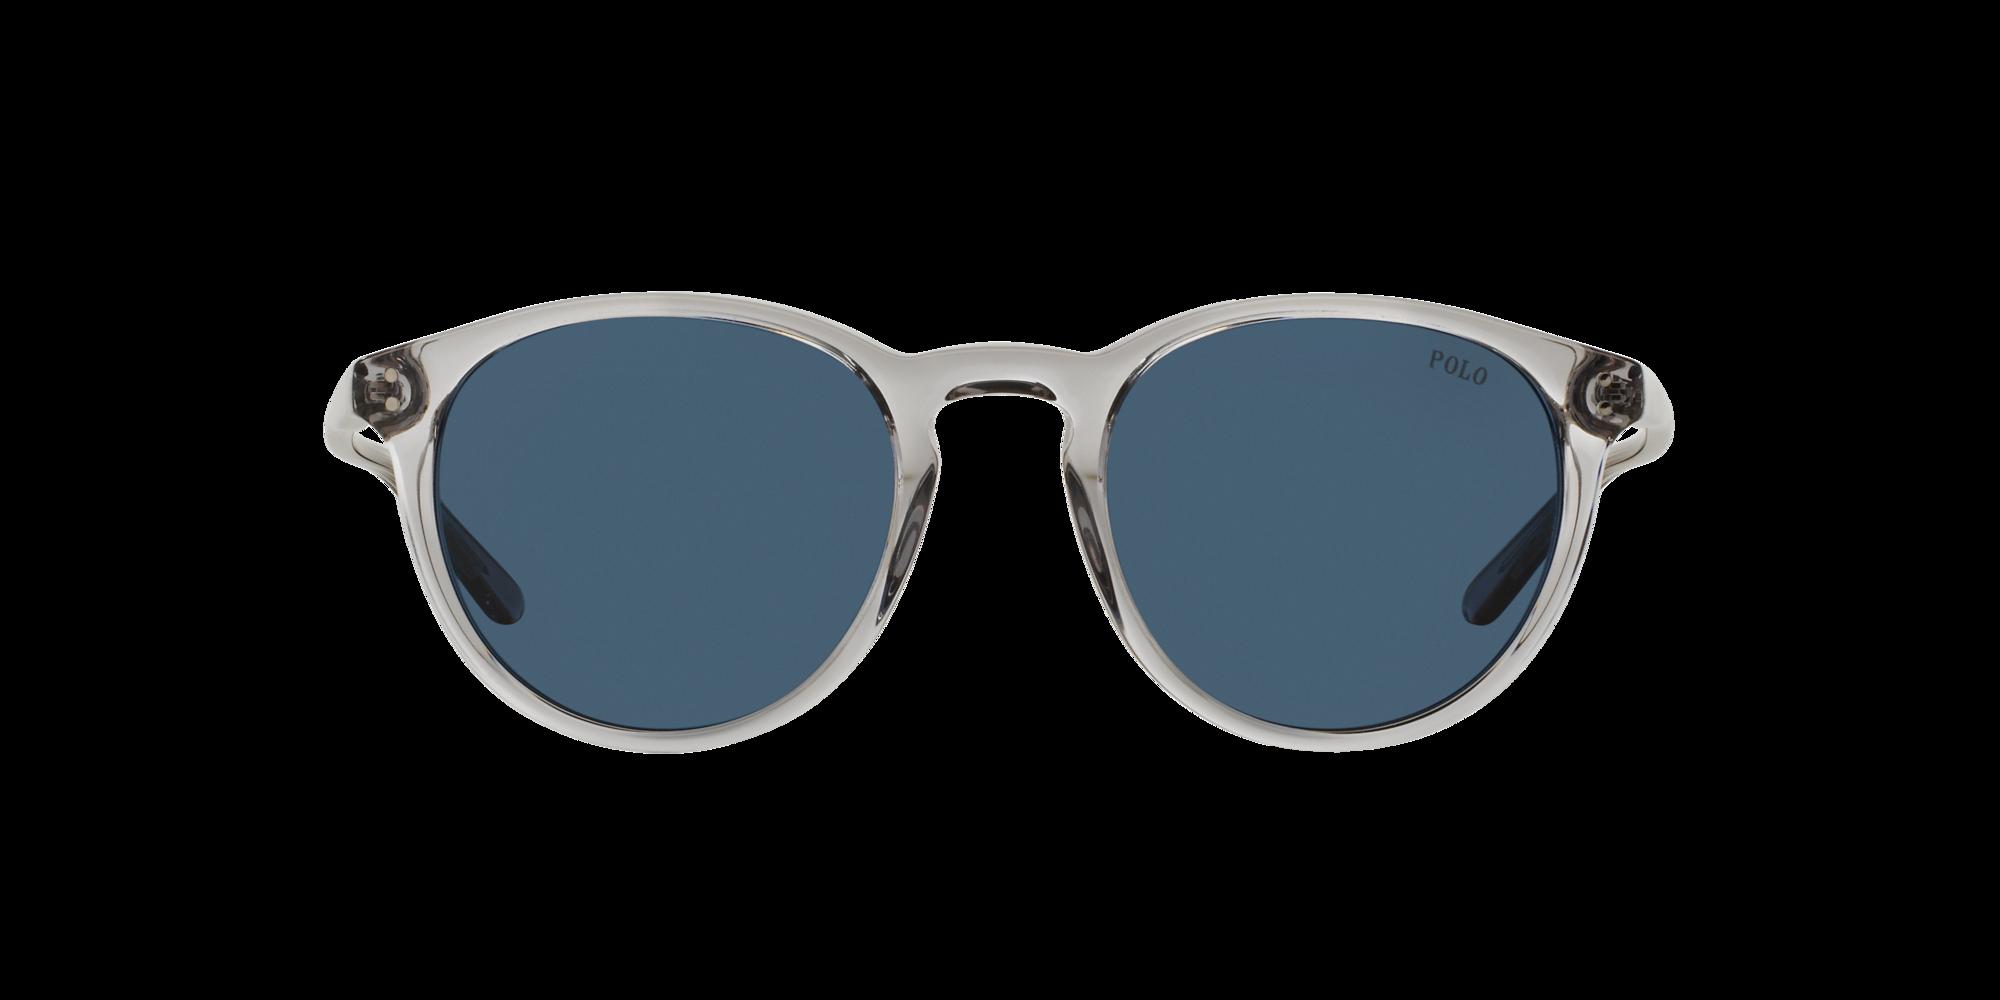 Imagen para PH4110 50 de LensCrafters |  Espejuelos, espejuelos graduados en línea, gafas